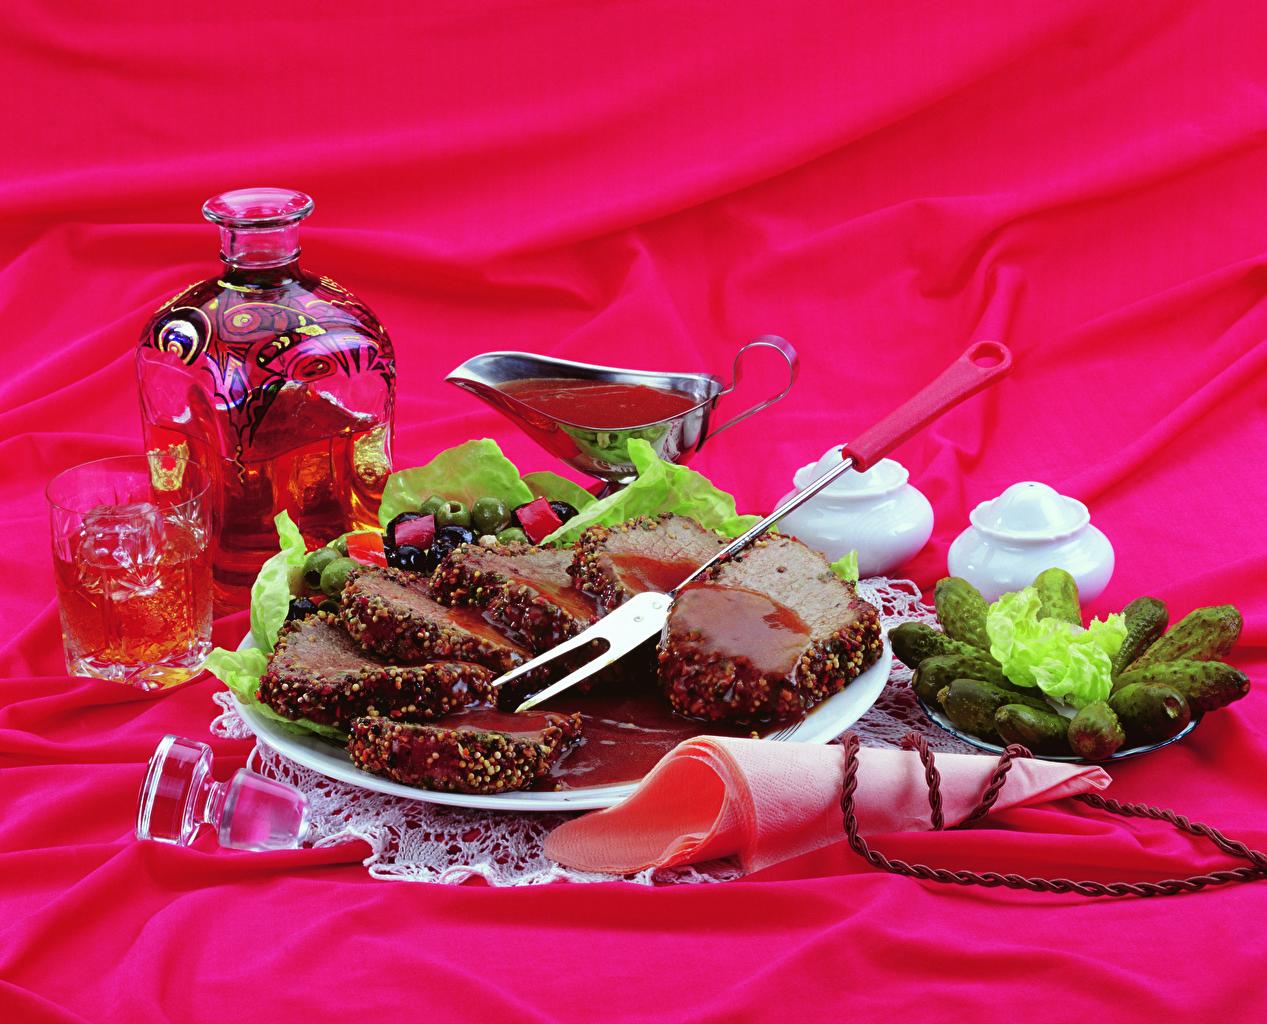 Картинки Вино Огурцы стакана нарезка Тарелка Бутылка Продукты питания Мясные продукты Стакан стакане Еда Пища тарелке бутылки Нарезанные продукты